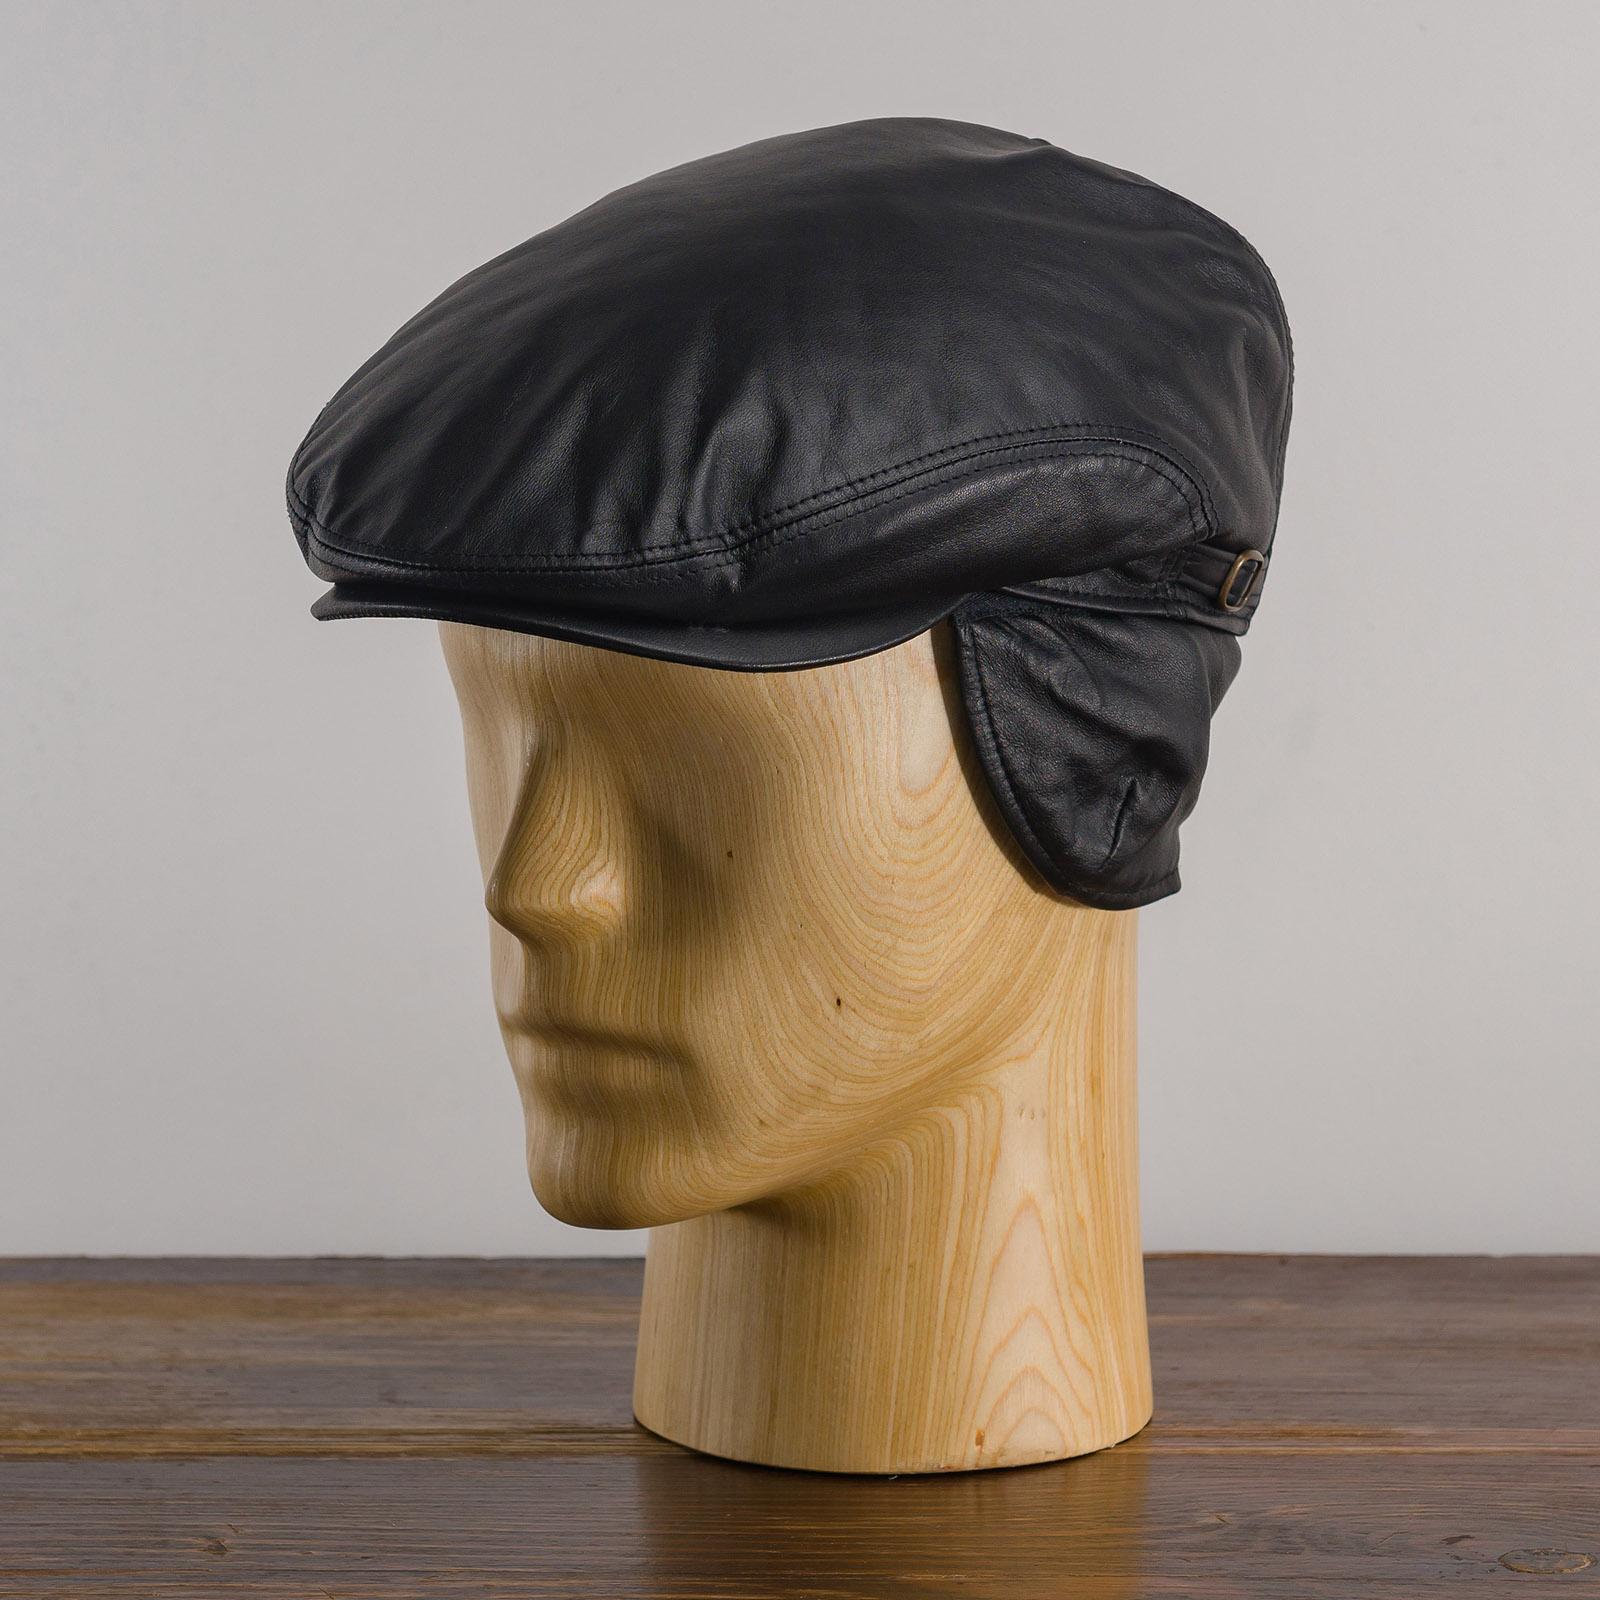 Czapka angielka ze skóry naturalnej z daszkiem na zimę i na jesień - sklep z czapkami sterkowski warszawa